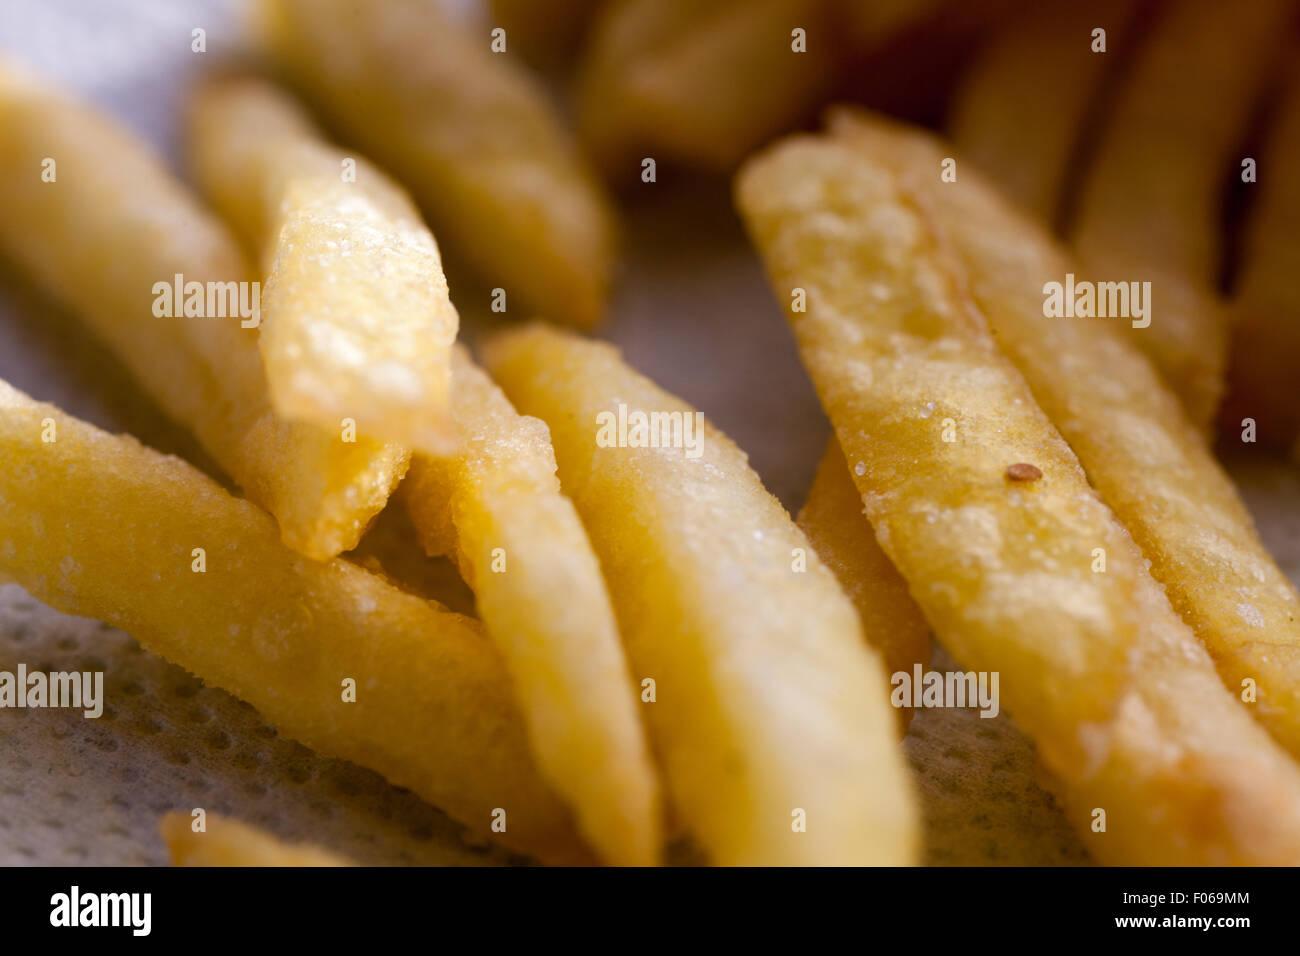 Gros plan des frites Photo Stock